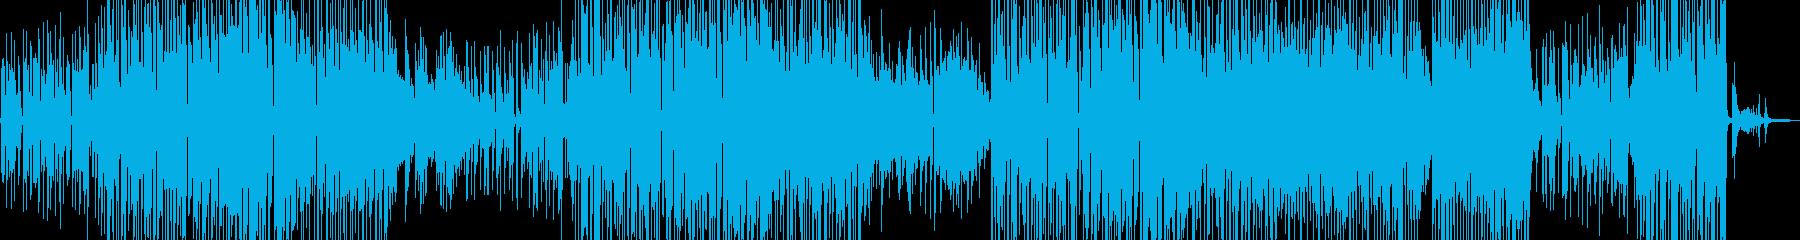 シャイな雰囲気・ほんわかしたジャズ 長尺の再生済みの波形